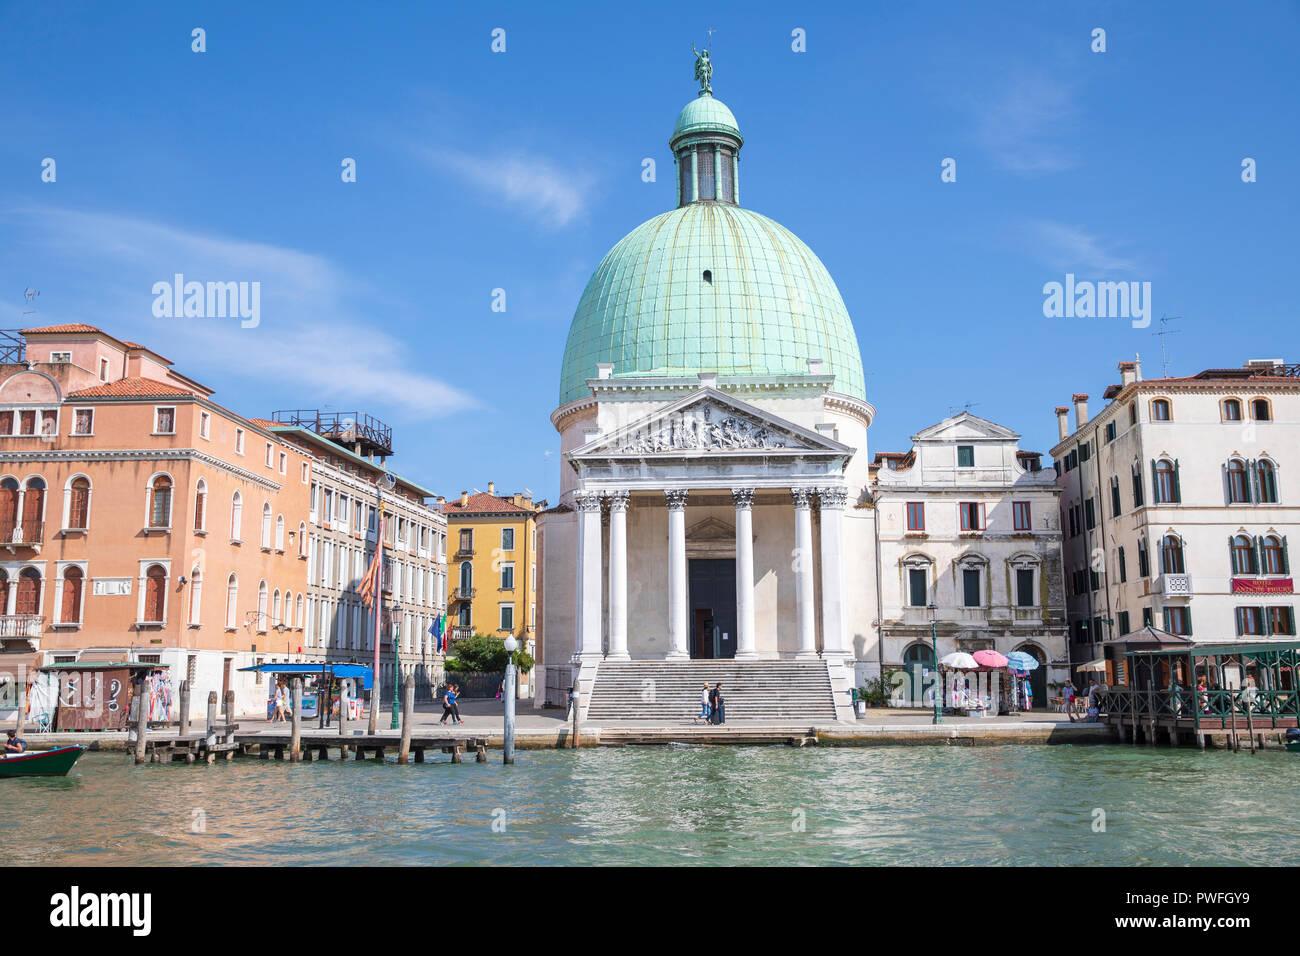 Chiesa di San Simeone Piccolo (Church of San Simeone Piccolo) in Venice, Italy. - Stock Image